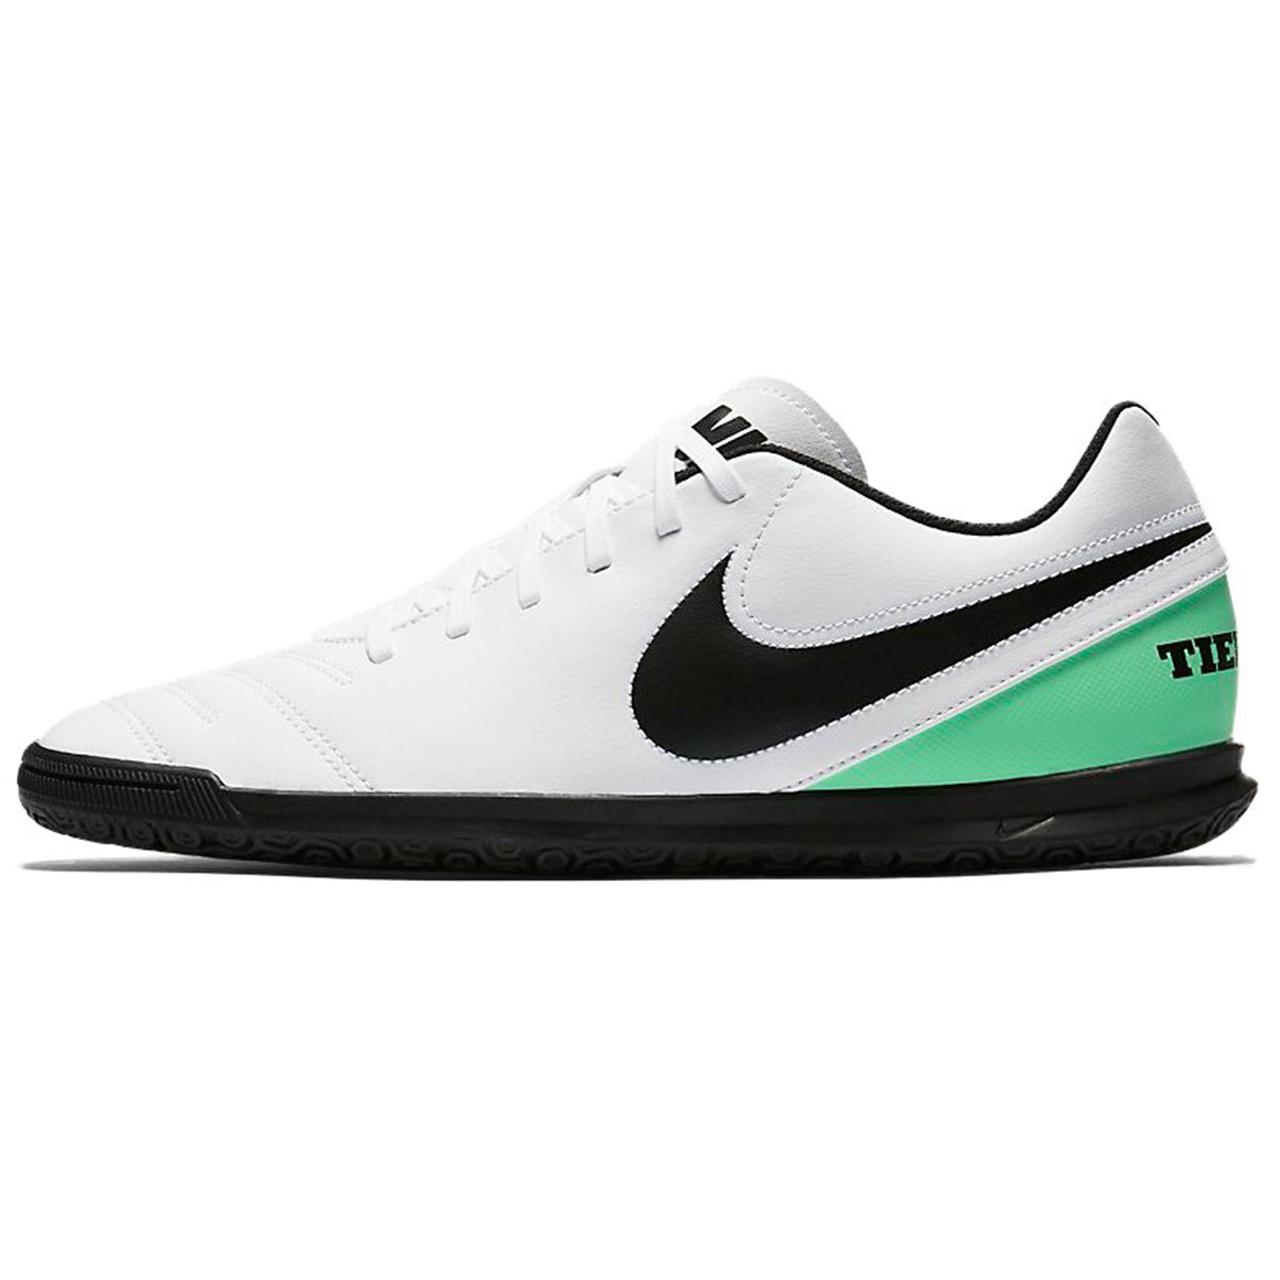 کفش فوتسال مردانه نایکی مدل Tiempo X Rio کد 103-819234